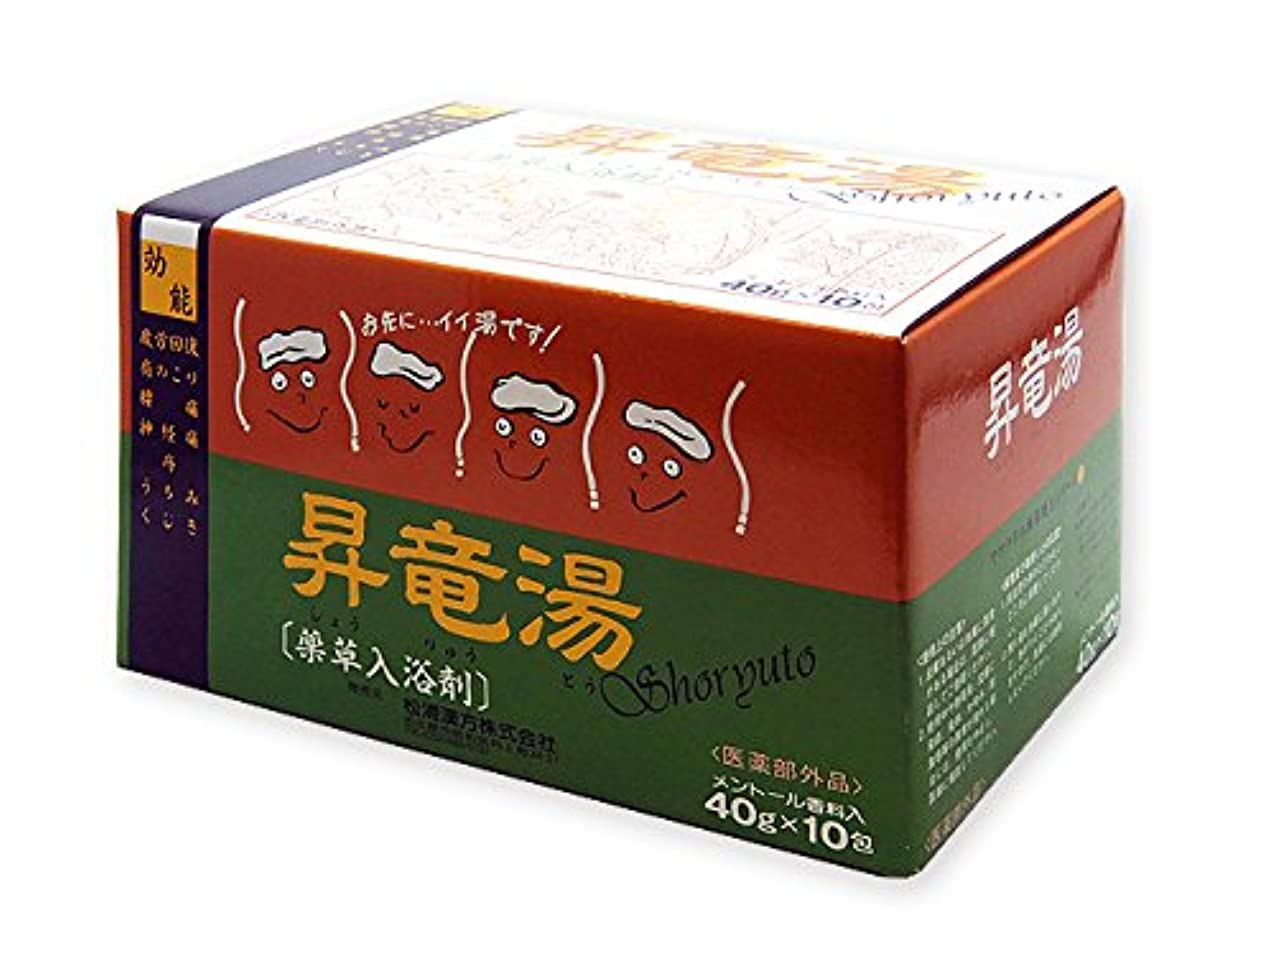 リード教育学うなずく松浦薬業 昇竜湯 40gx10包